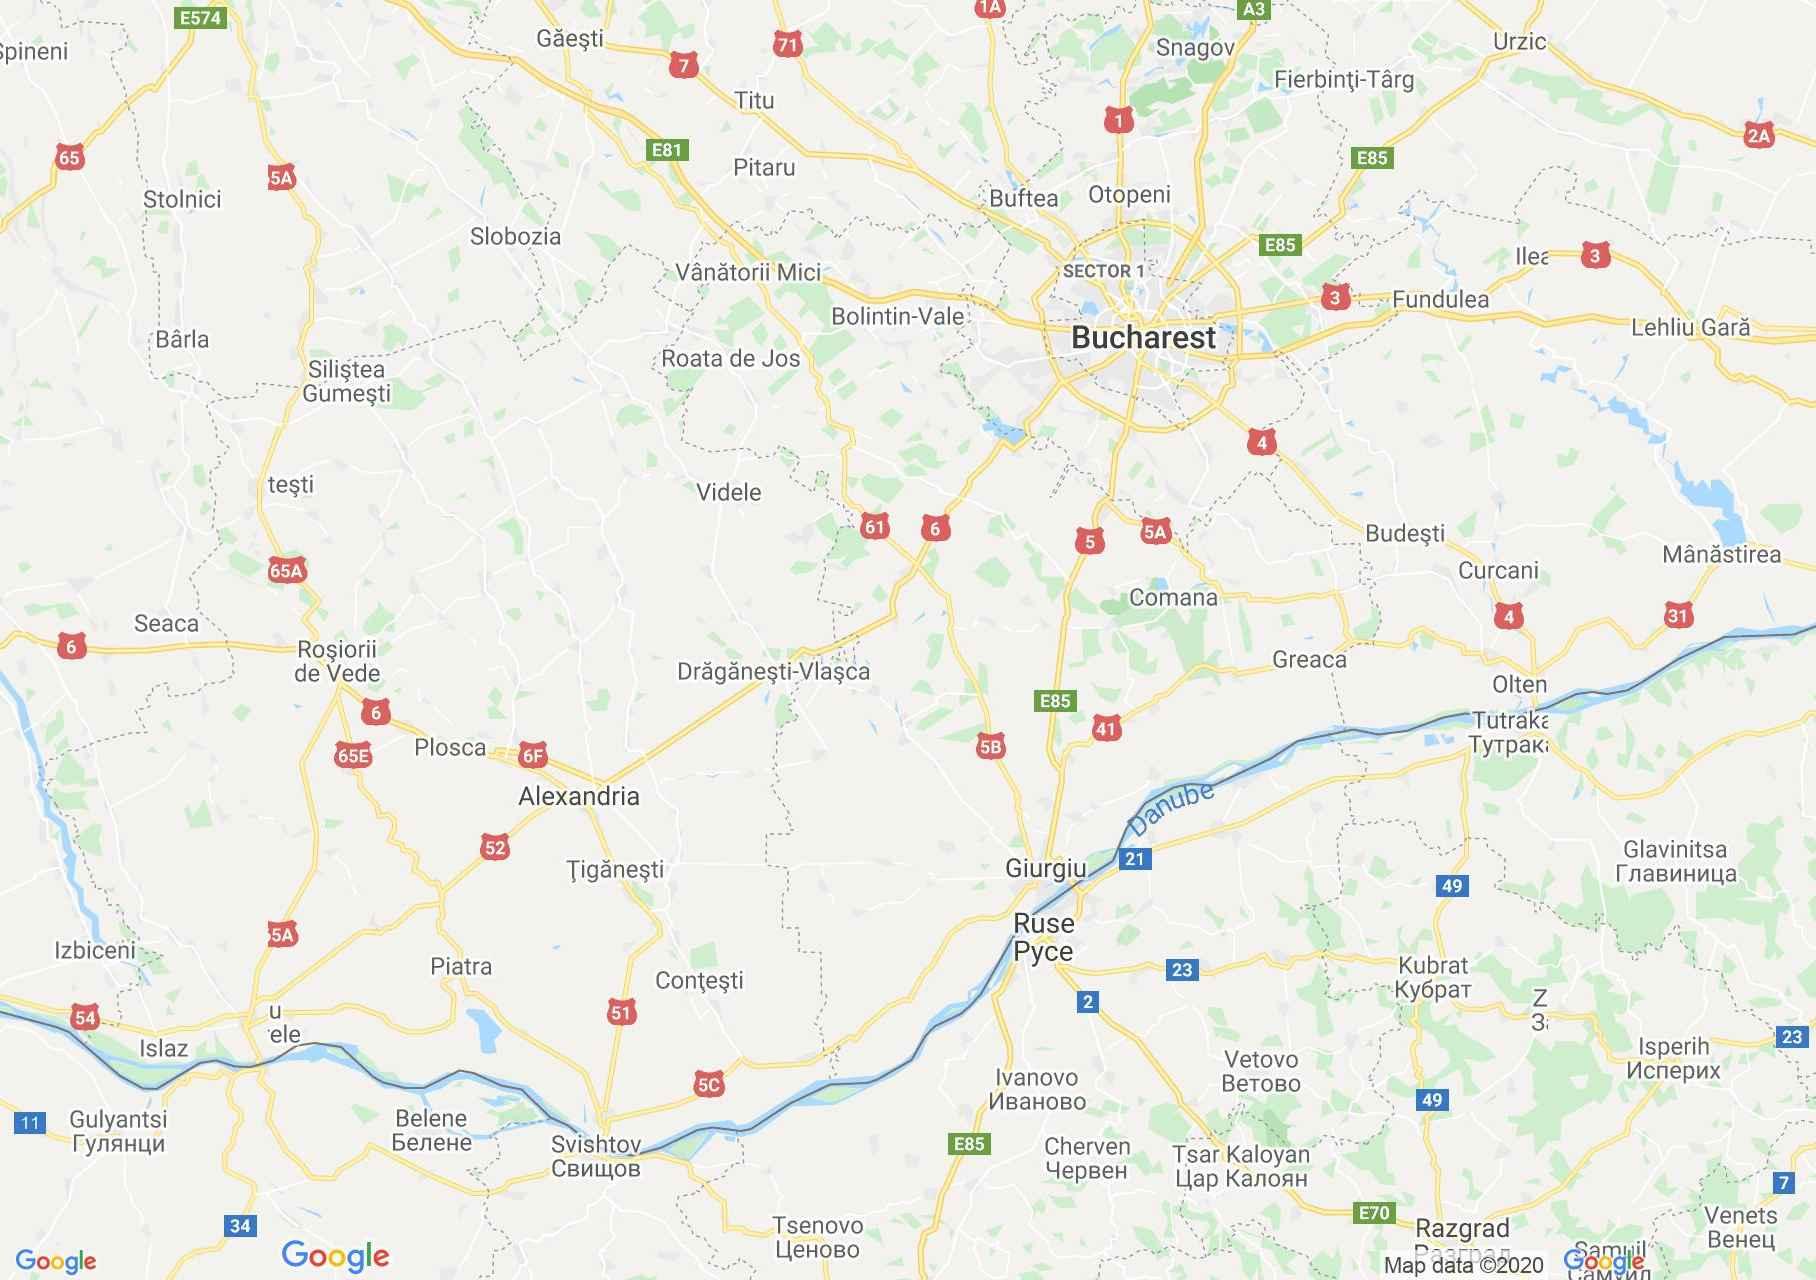 Judeţul Giurgiu: (Giurgiu), Harta turistică interactivă